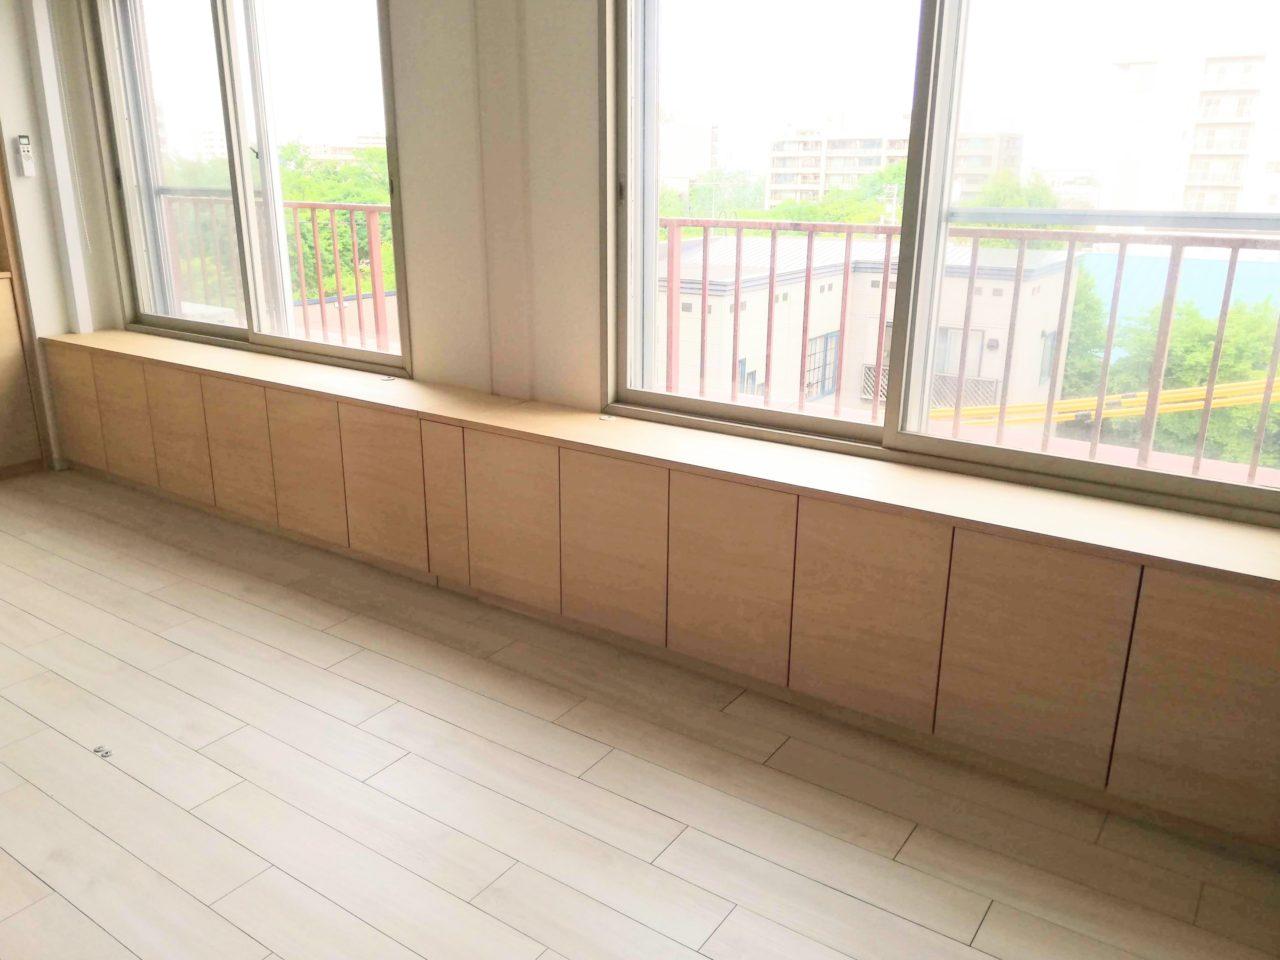 子供部屋の収納です。 お部屋の真ん中を引き戸で仕切れるため、窓下の収納は引き戸が差し込む分、小さい箱が外せるようになっています。